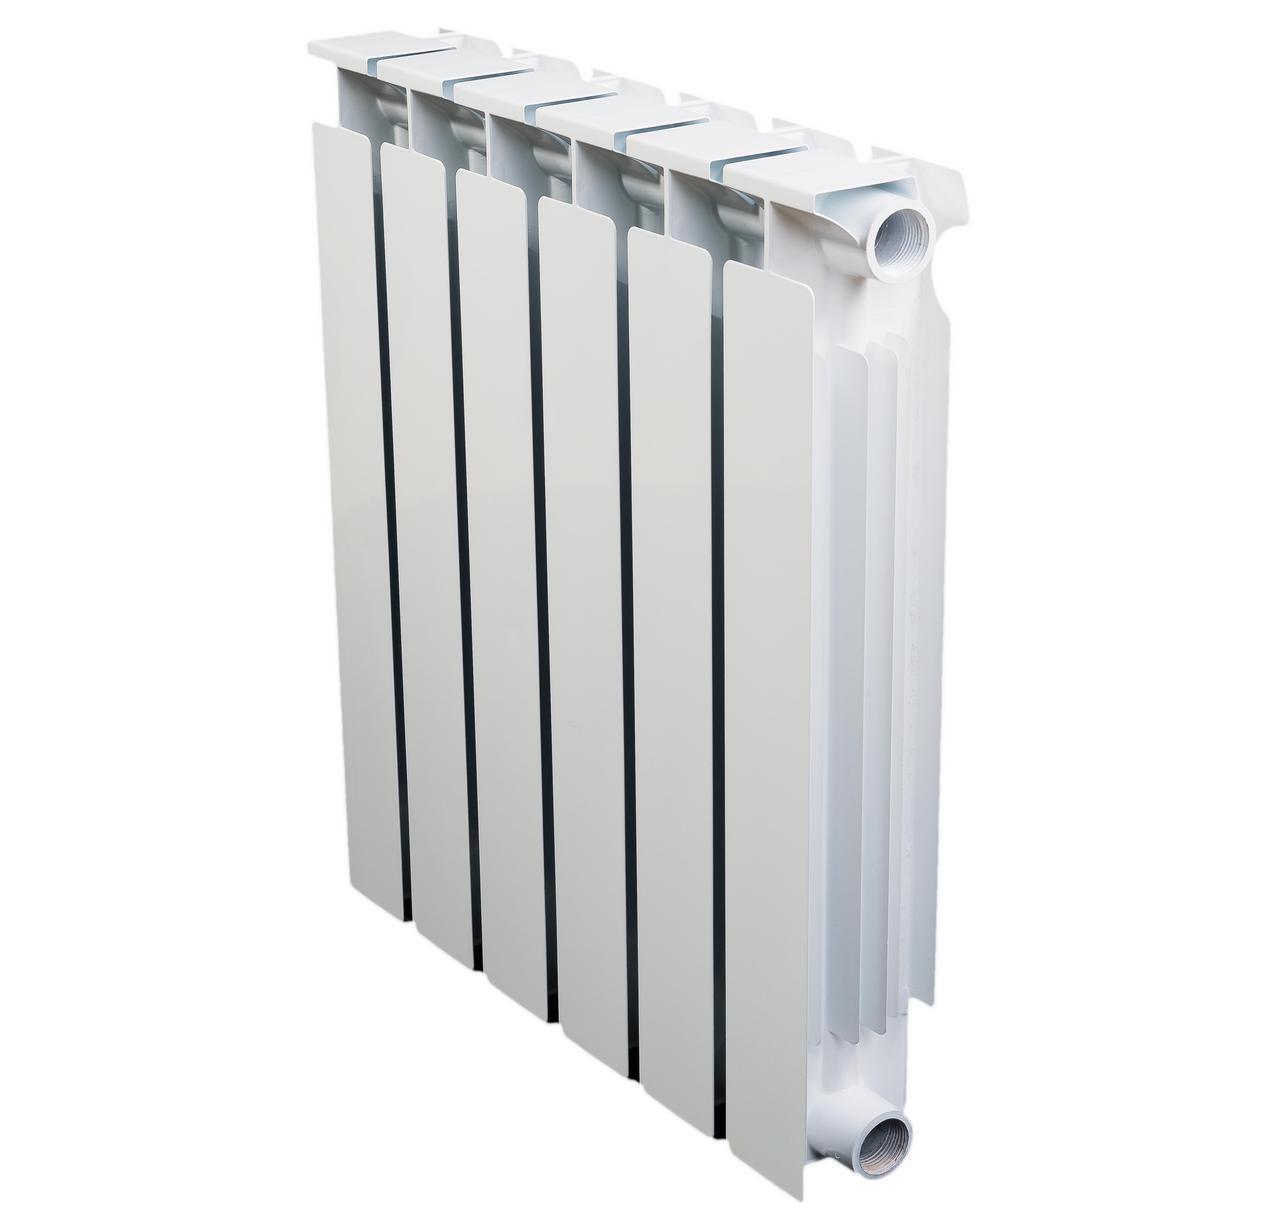 Биметаллический радиатор Алтермо 7 500/80